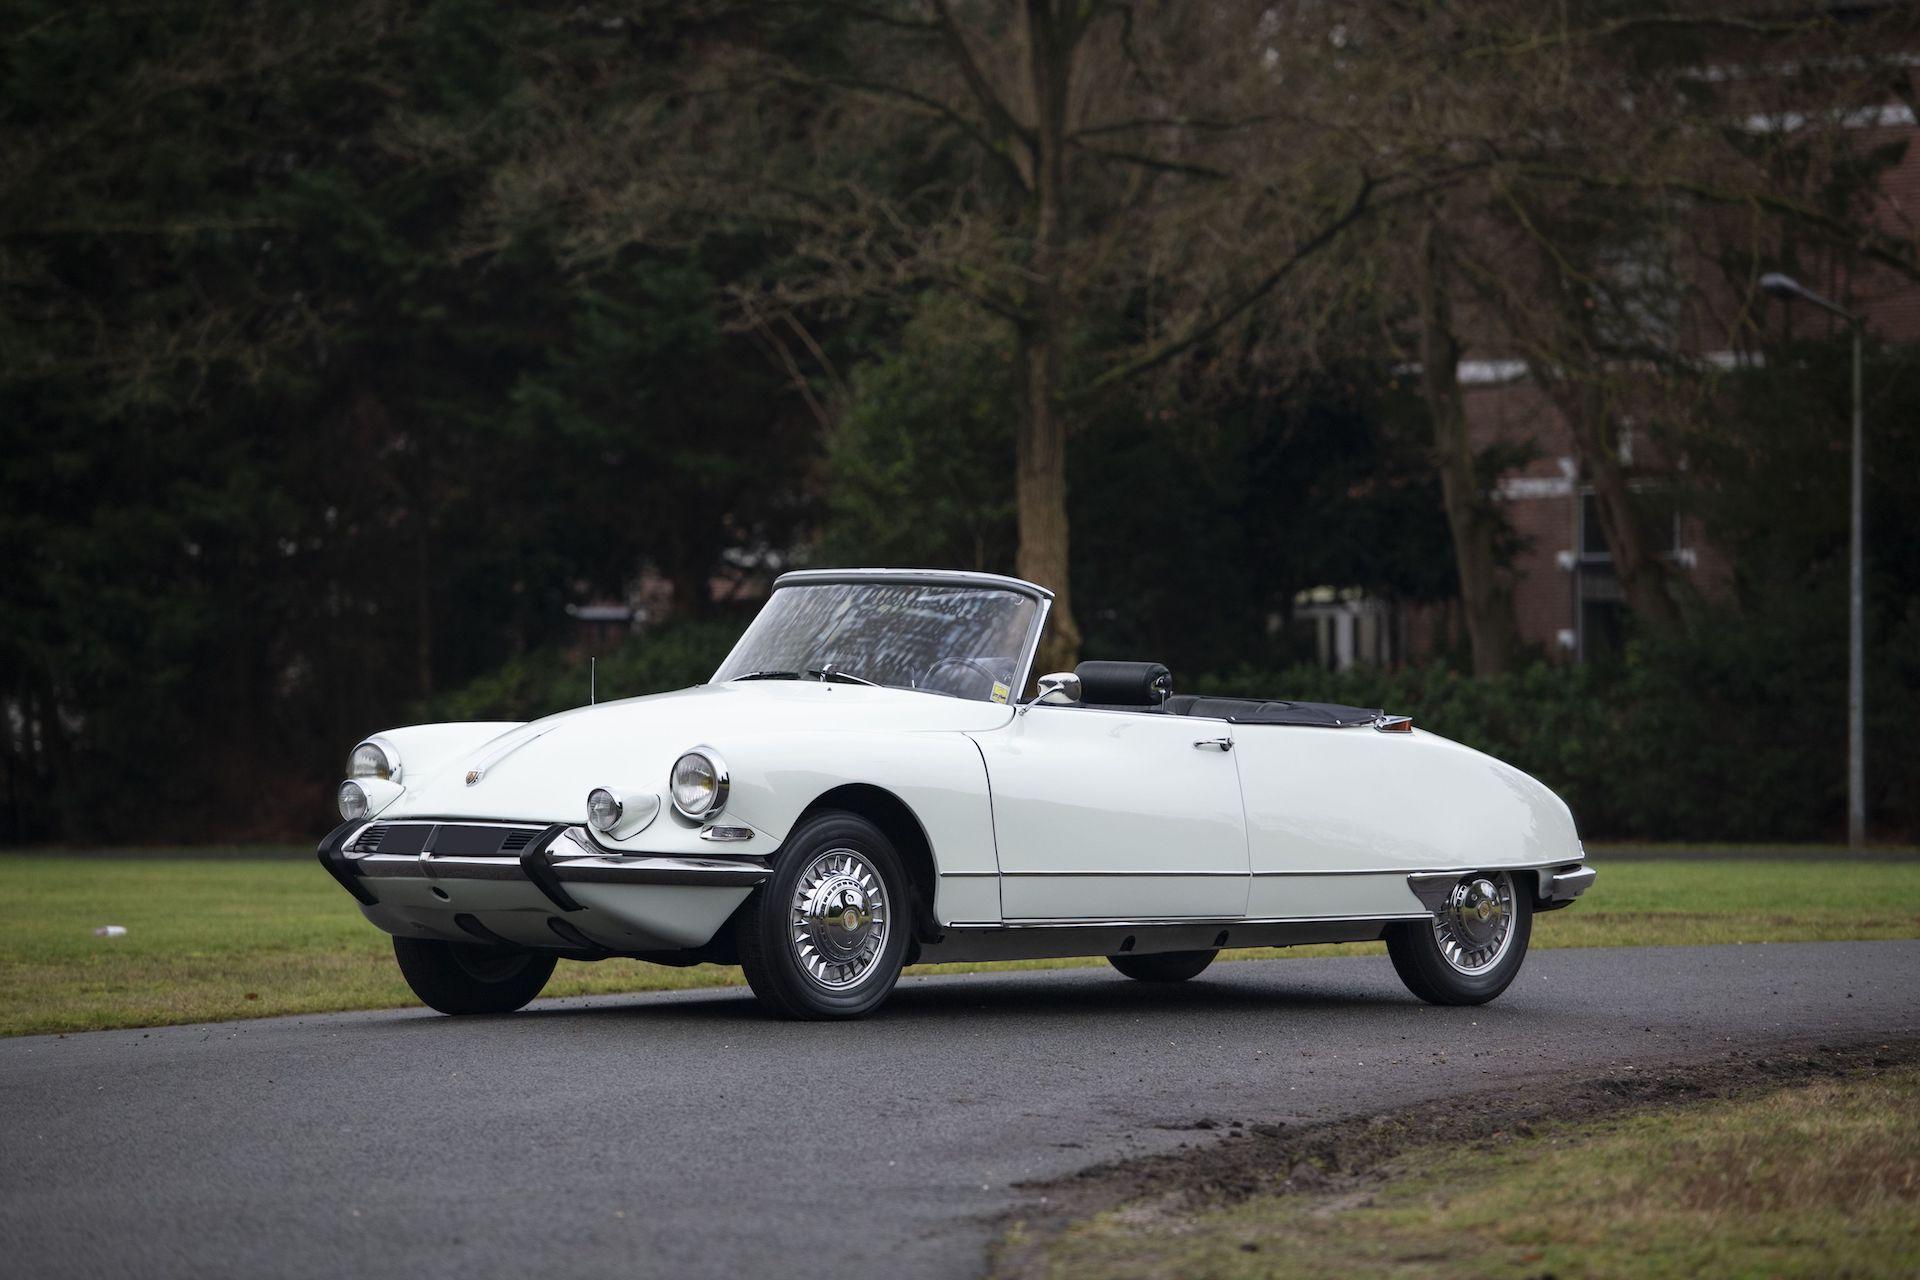 1963 Citroën DS 19 cabriolet usine par Henri Chapron